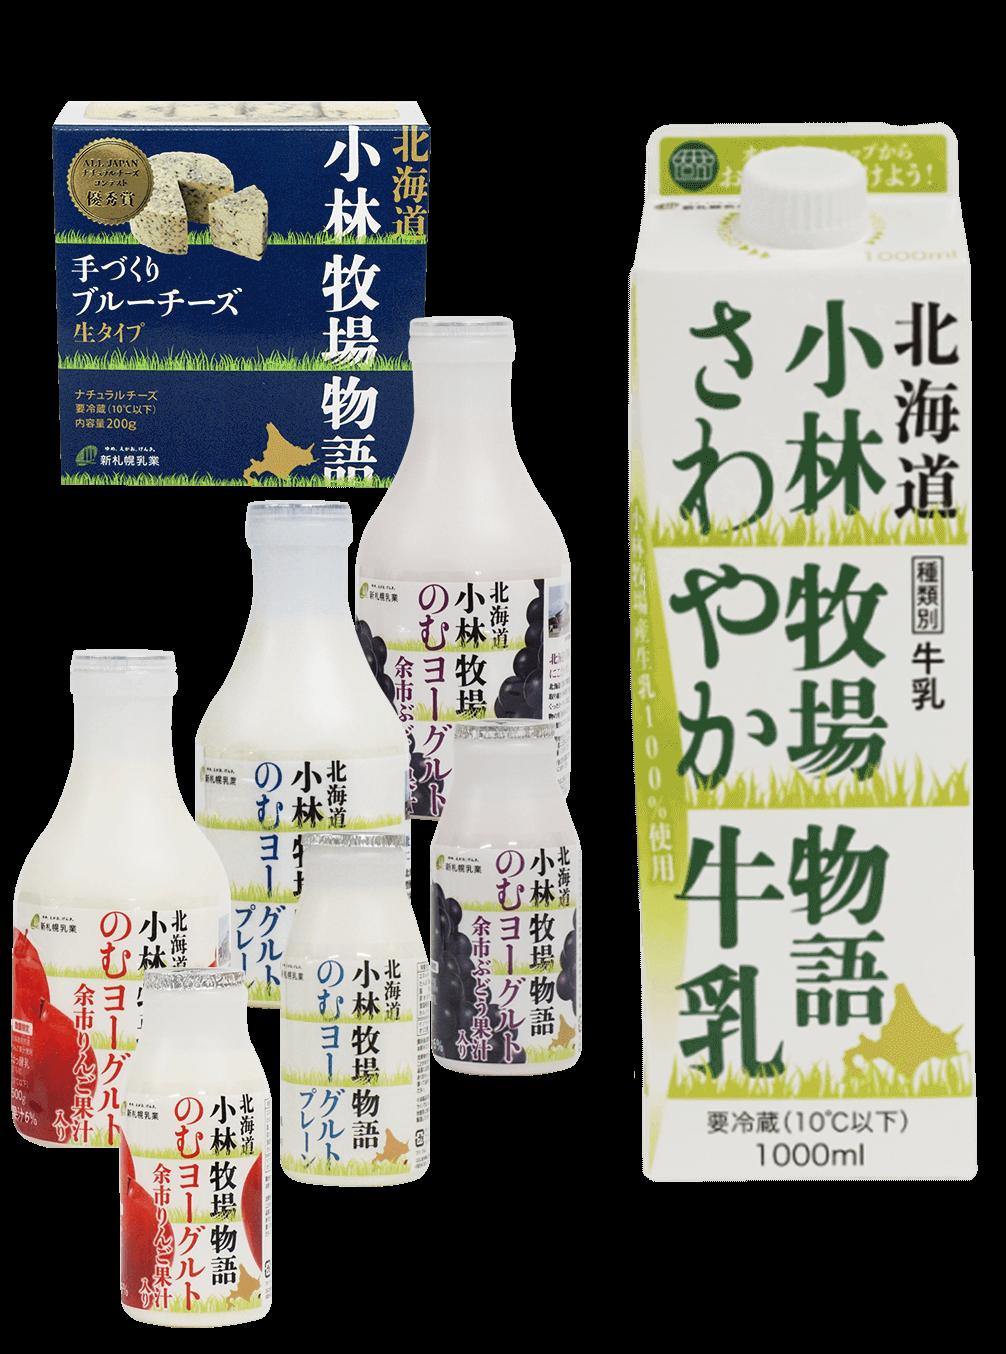 新札幌乳業株式会社 | 小林牧場...